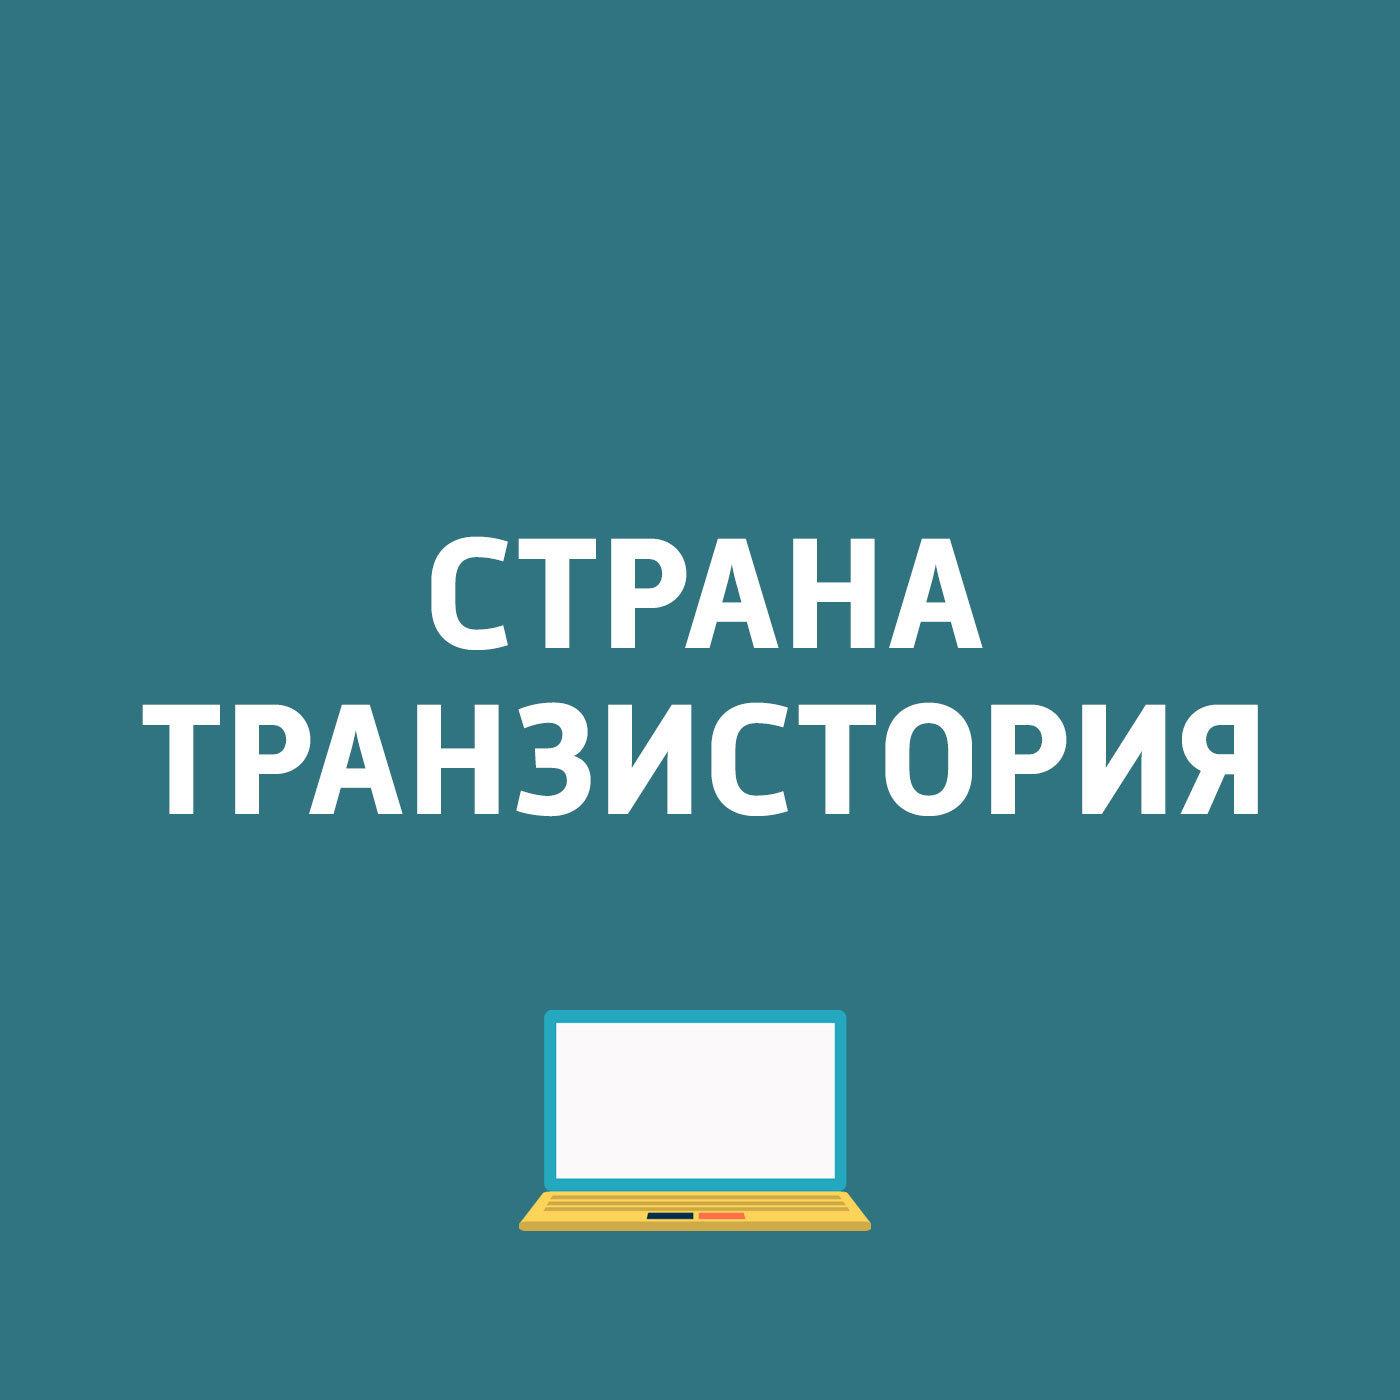 лучшая цена Картаев Павел Смартфон ZTE Nubia; Финальная версия iOS 12; Самые популярные функции смартфонов